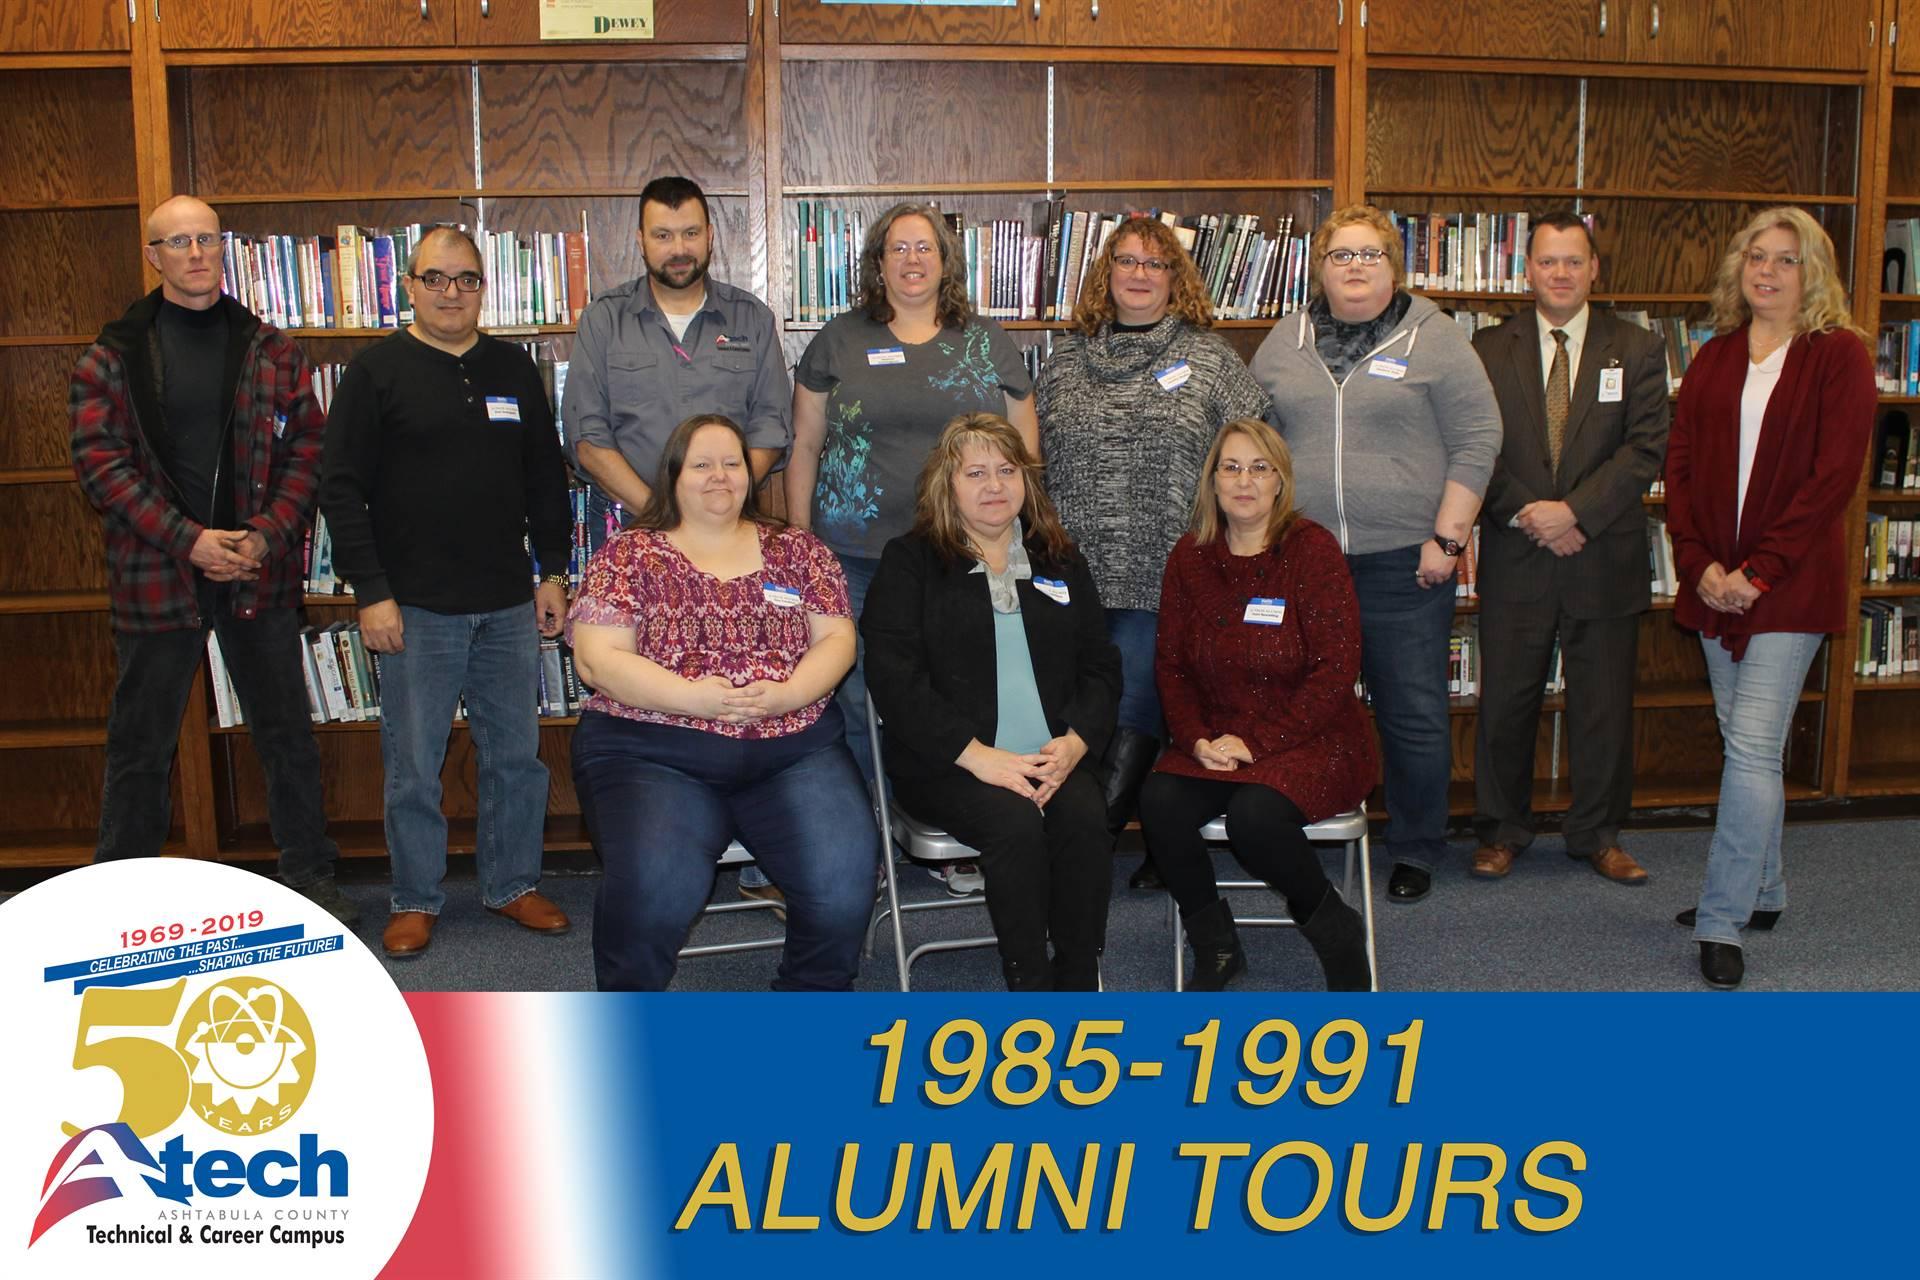 1985 - 1991 Alumni Photo